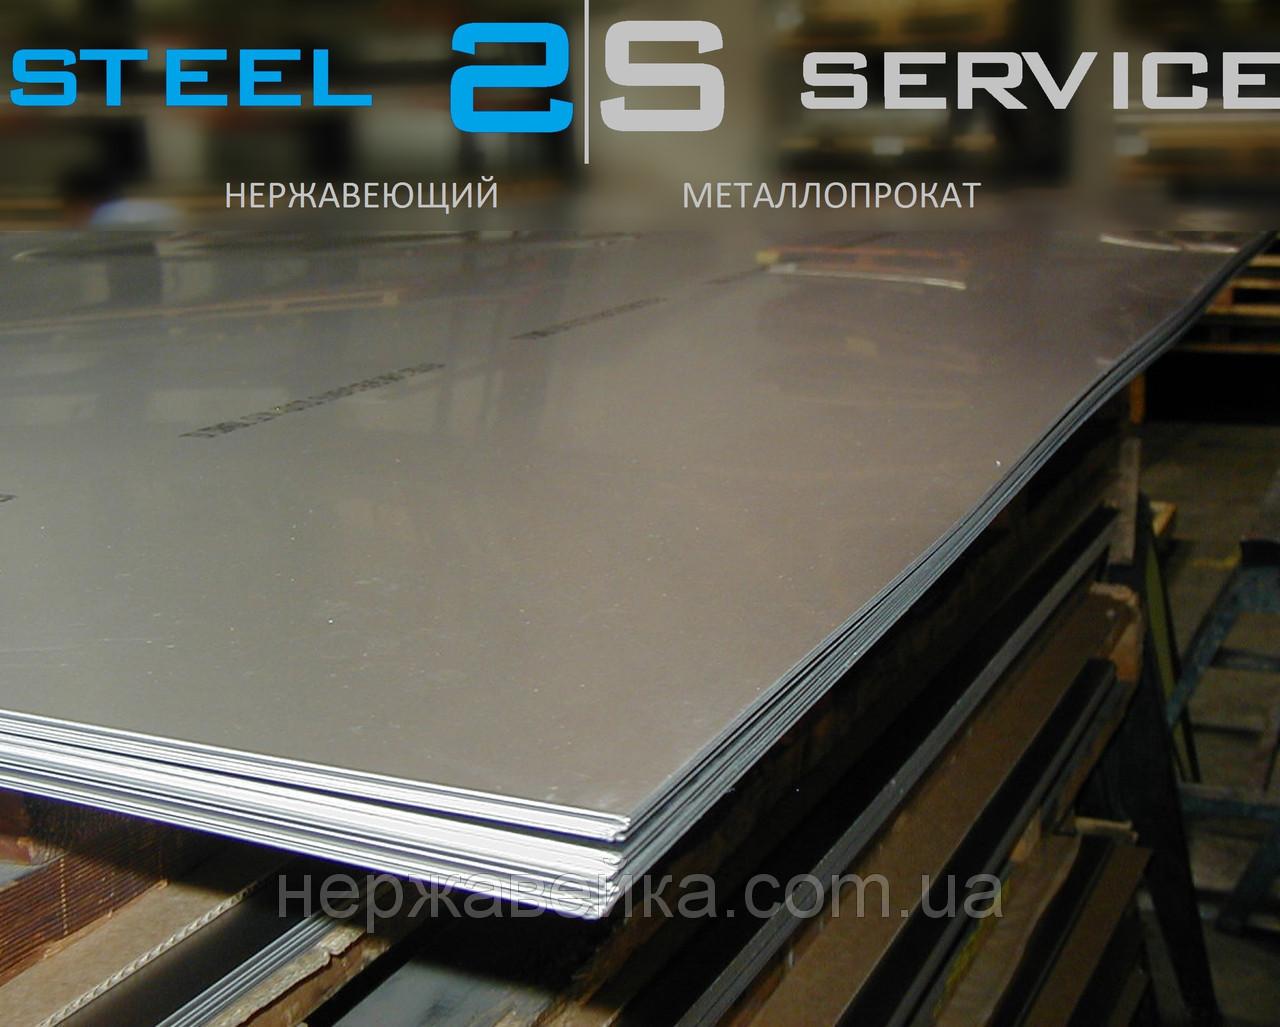 Нержавеющий лист 20х1500х6000мм  AISI 316Ti(10Х17Н13М2Т) F1 - горячекатанный,  кислотостойкий